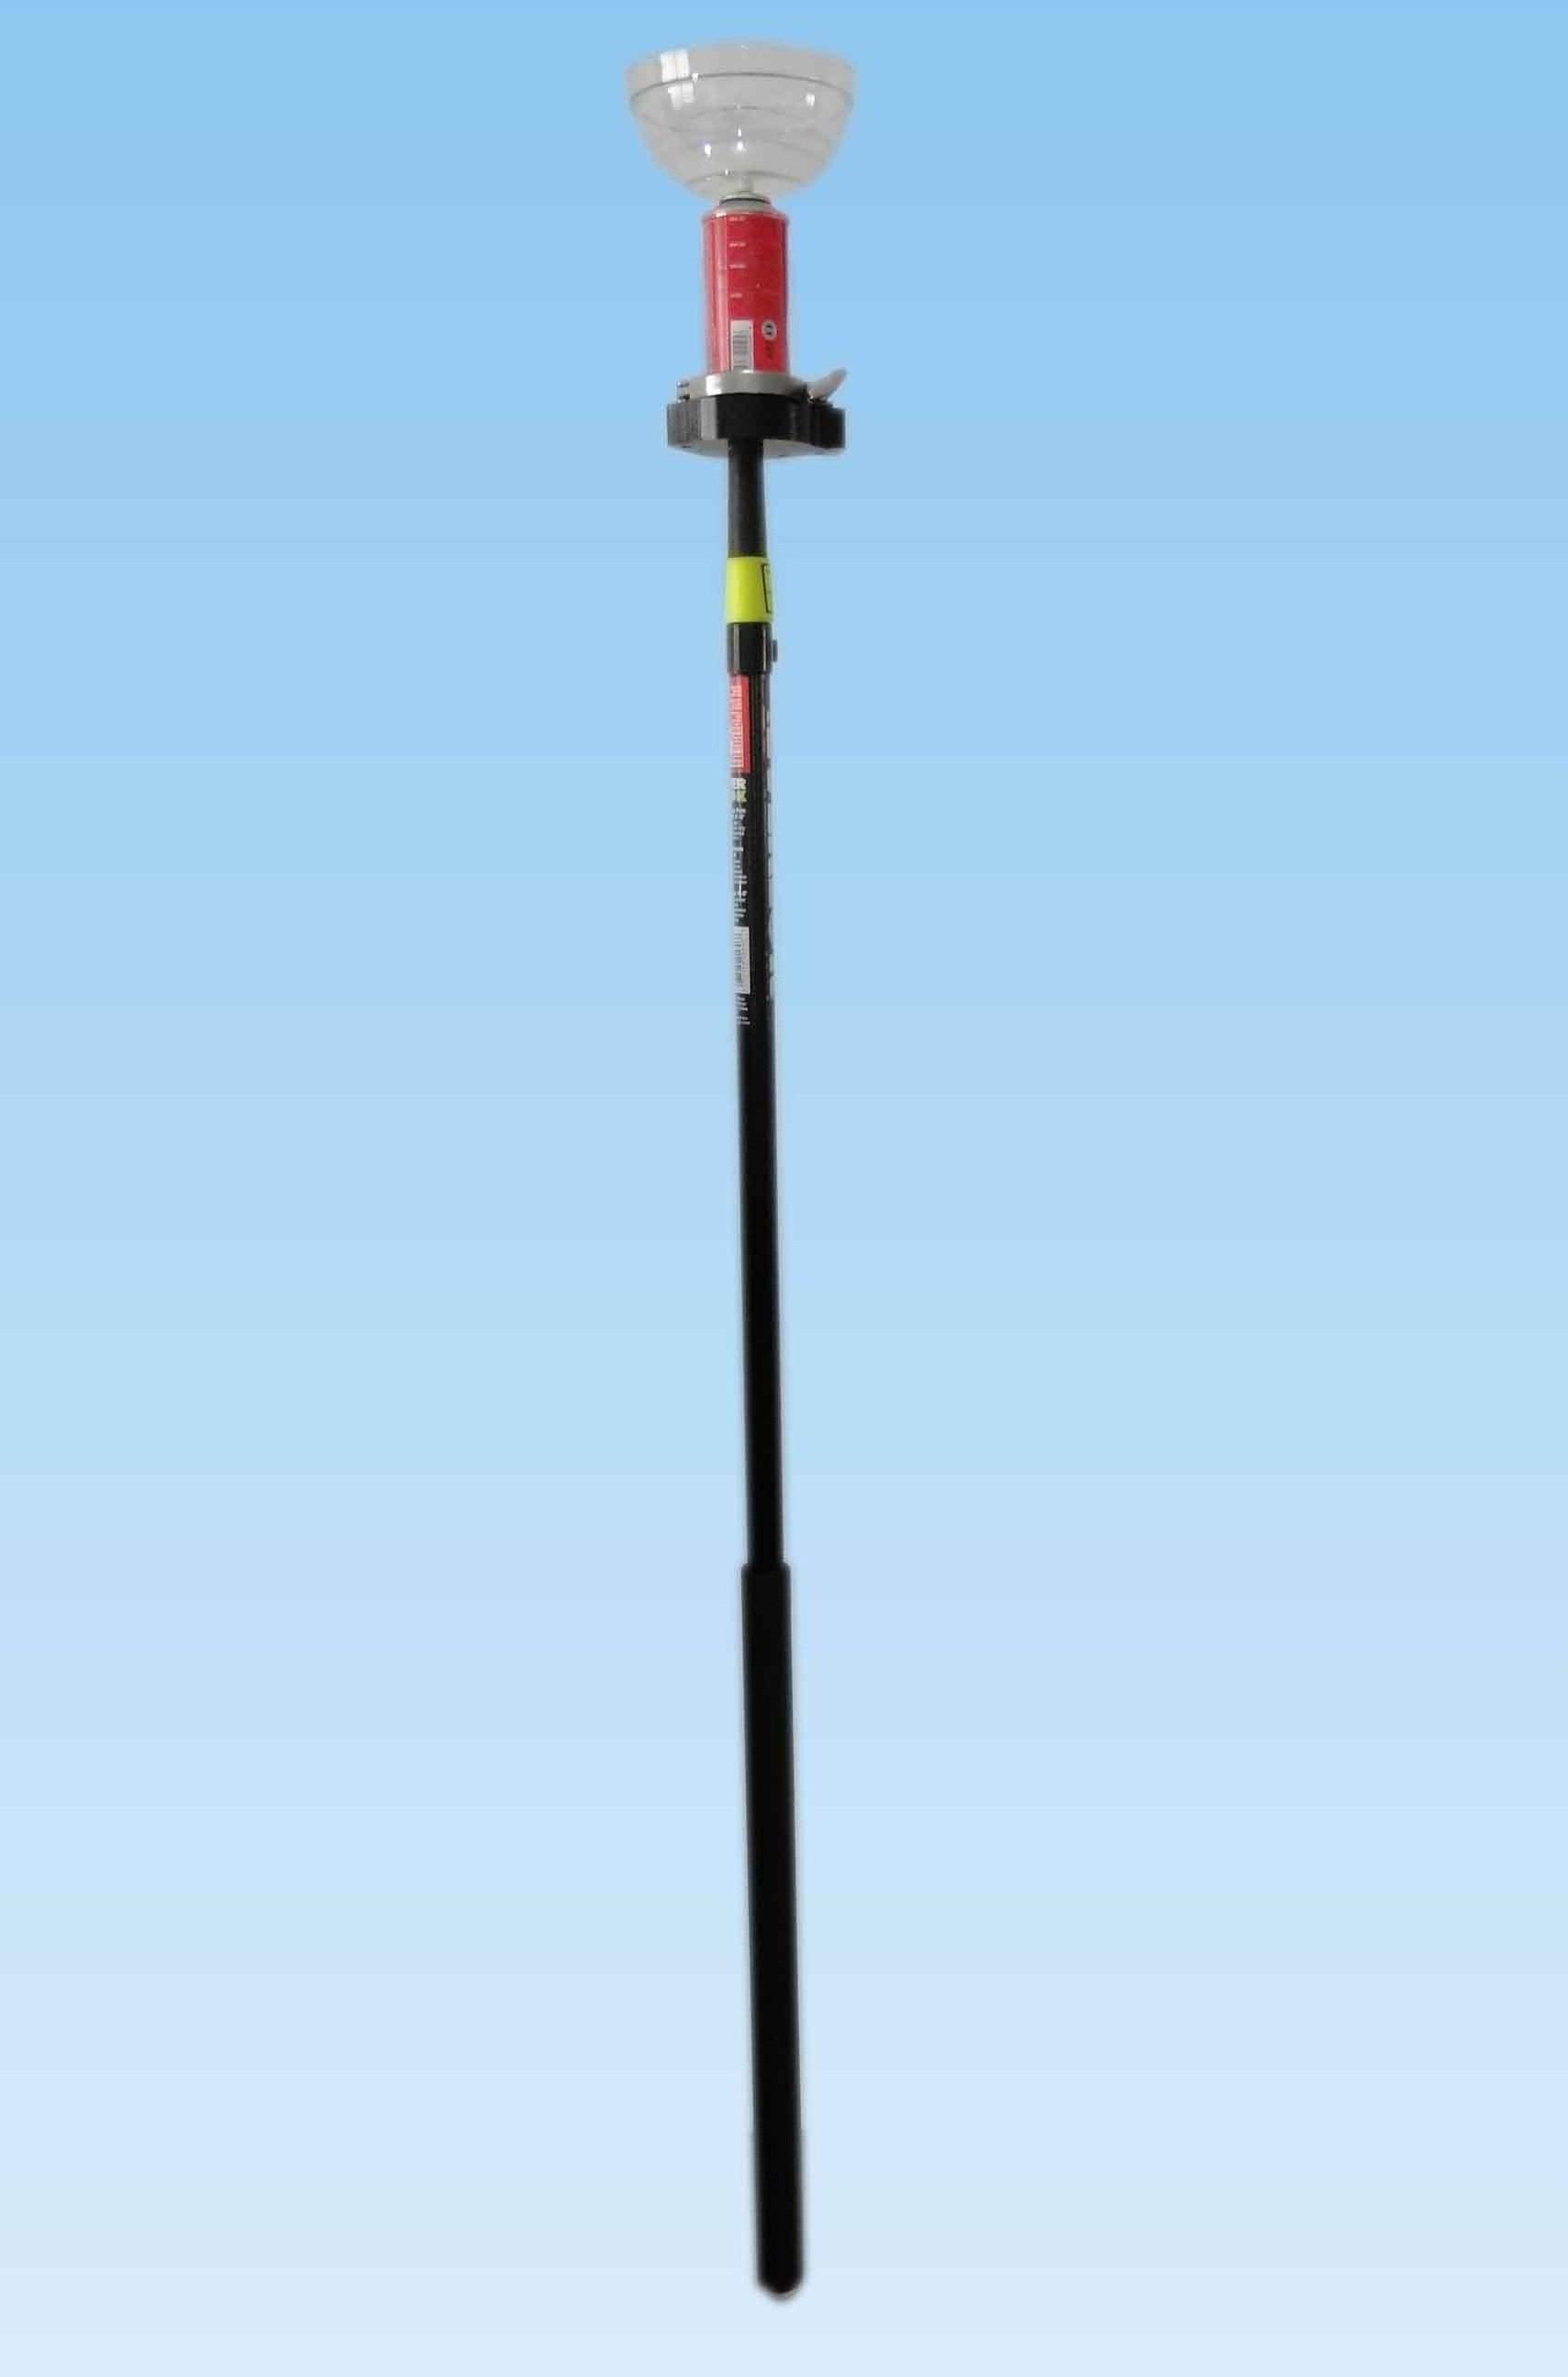 青島容慧便攜式煙感測試器防爆型